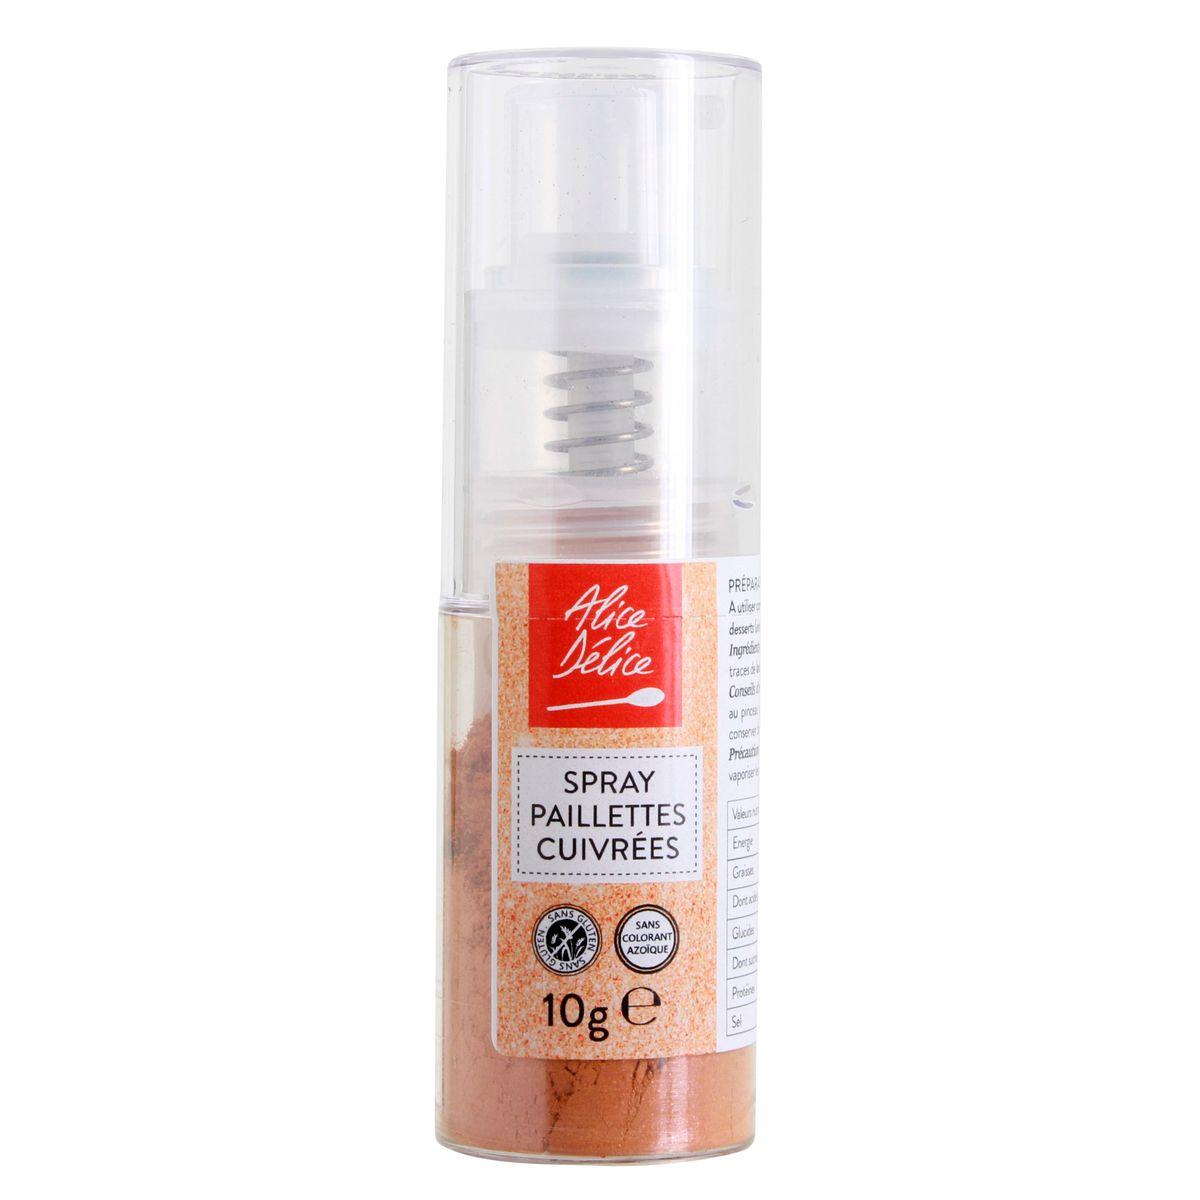 Spray paillettes cuivrées 10 gr